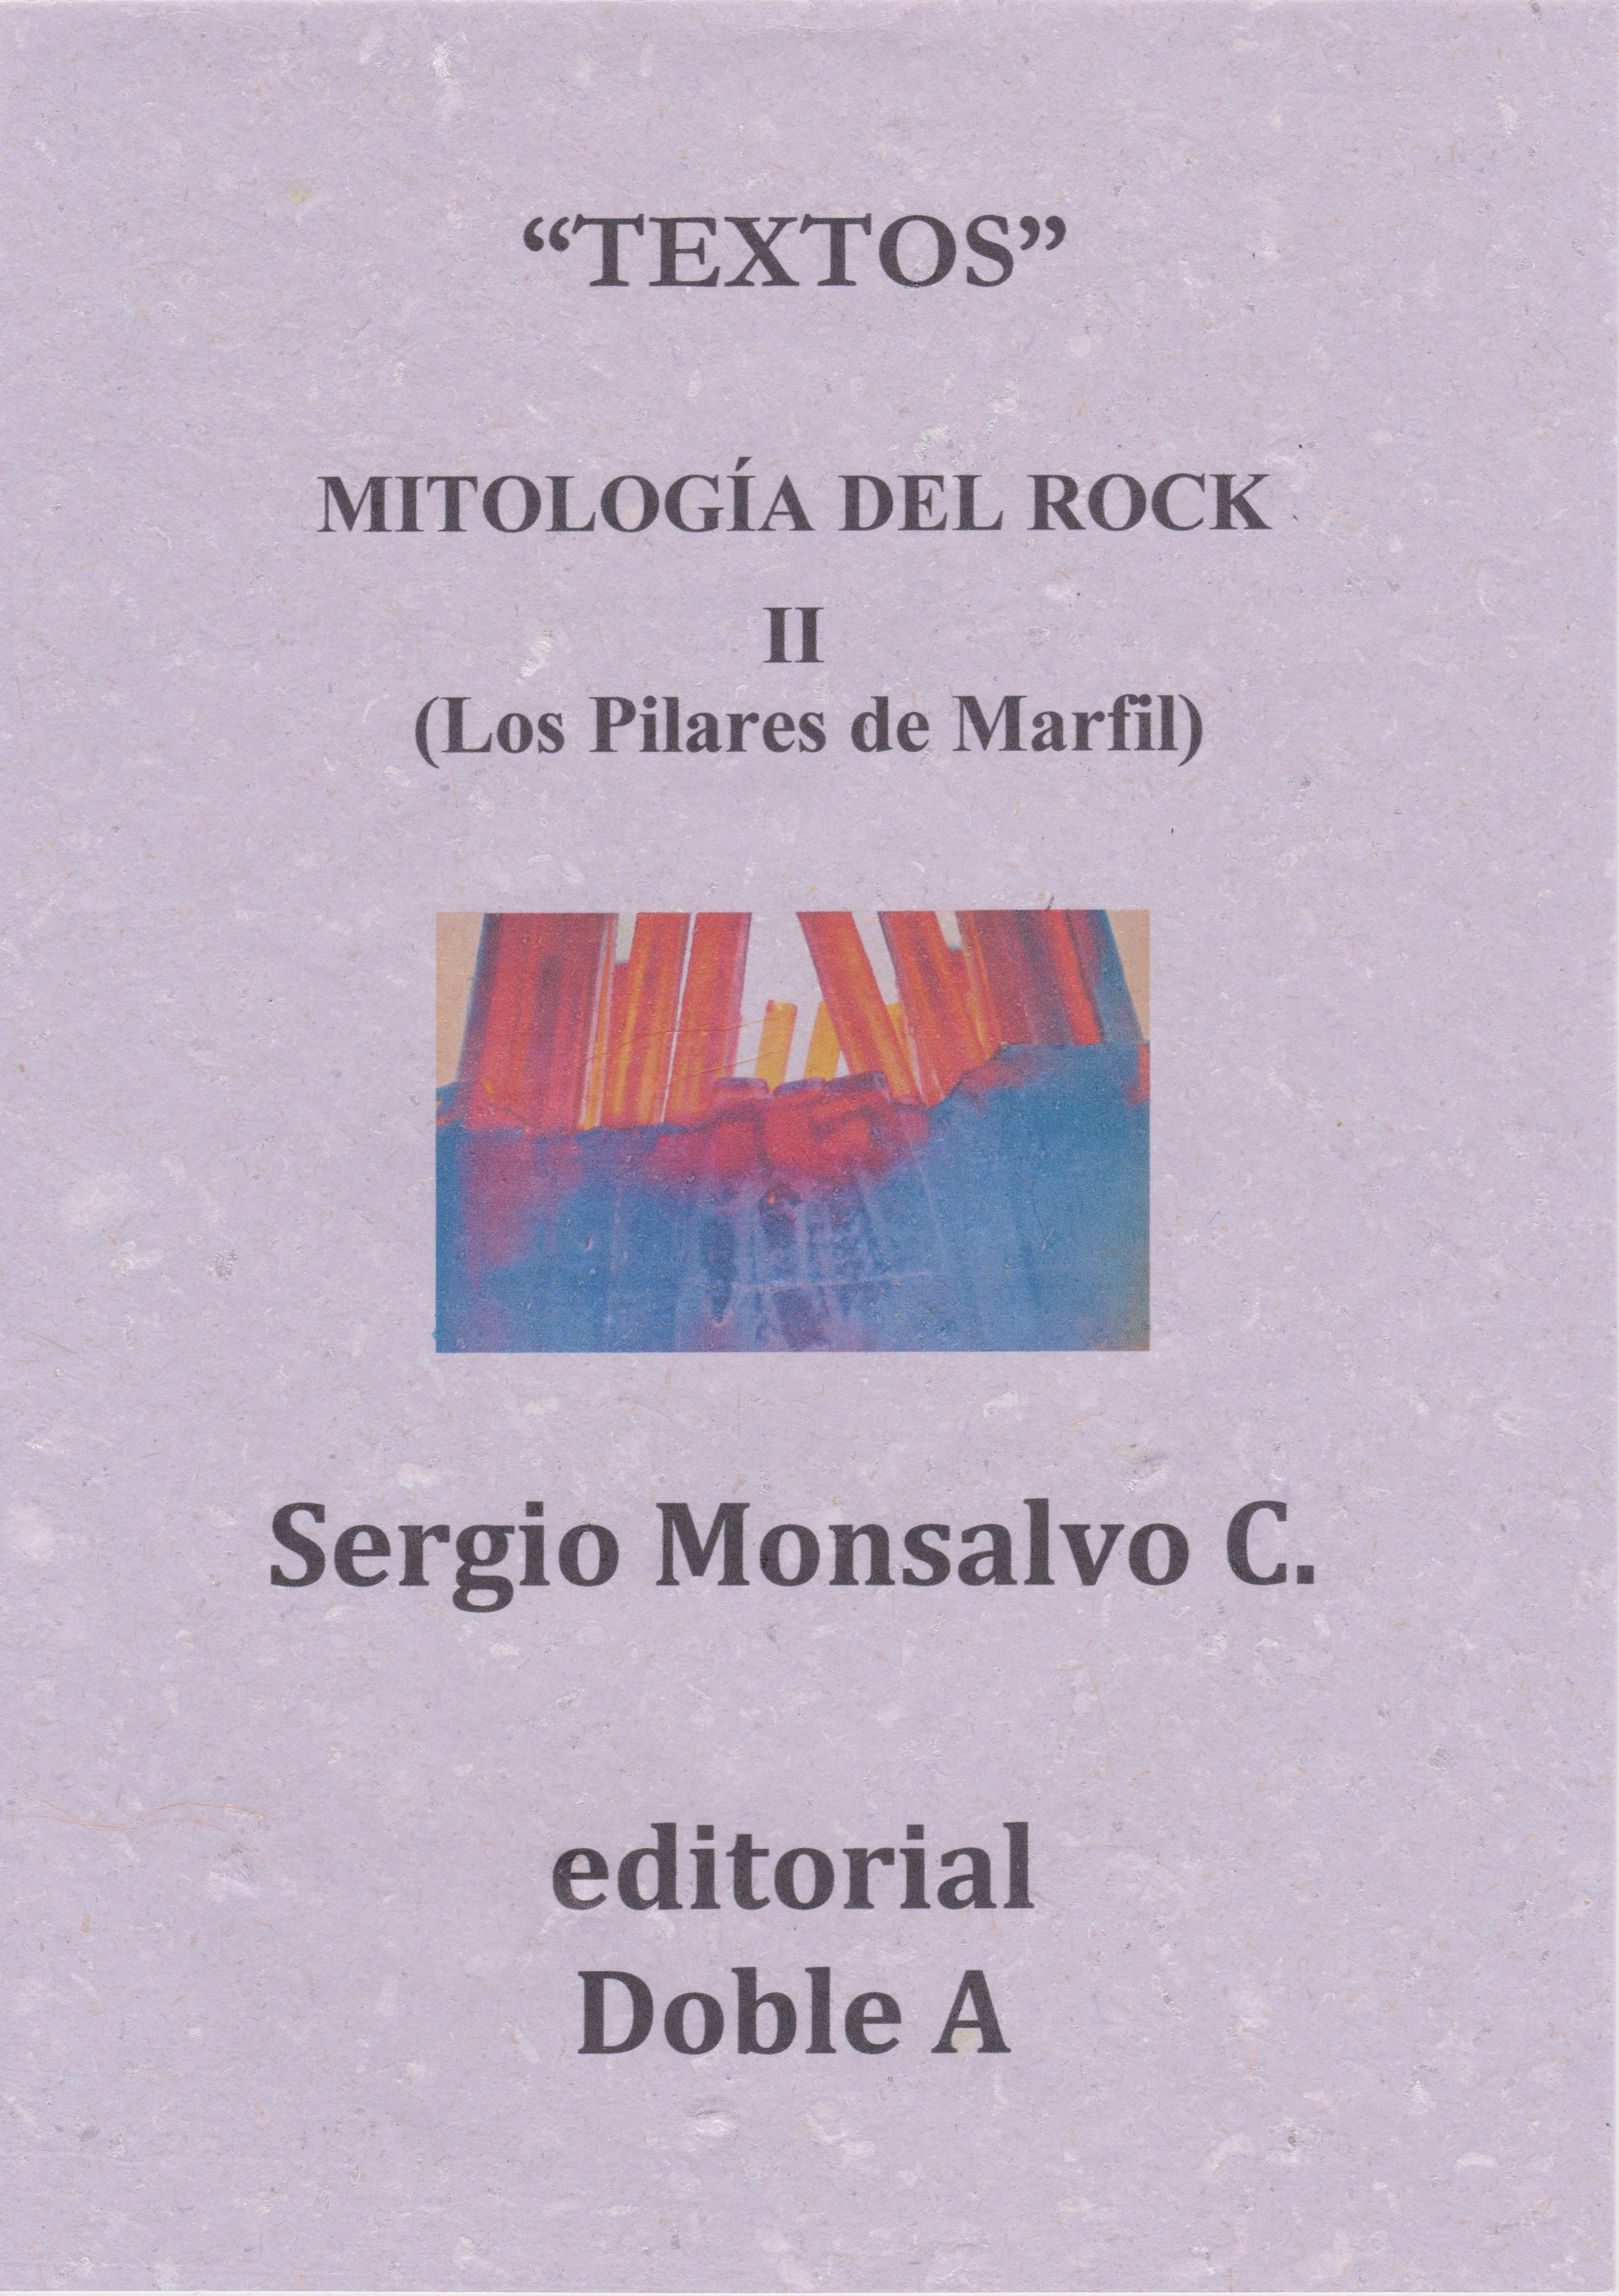 MITOLOGÍA DEL ROCK II (PORTADA)